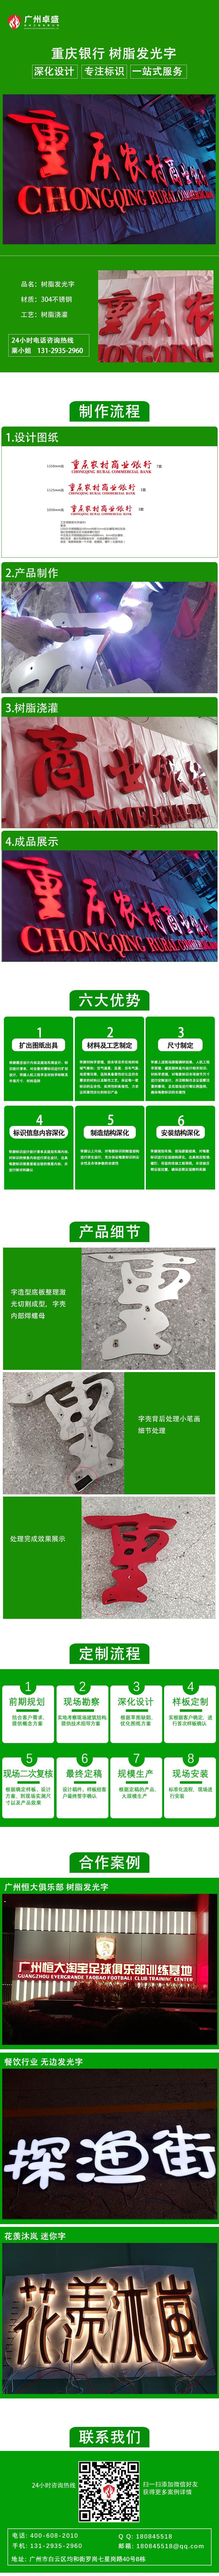 重庆银行-树脂发光字